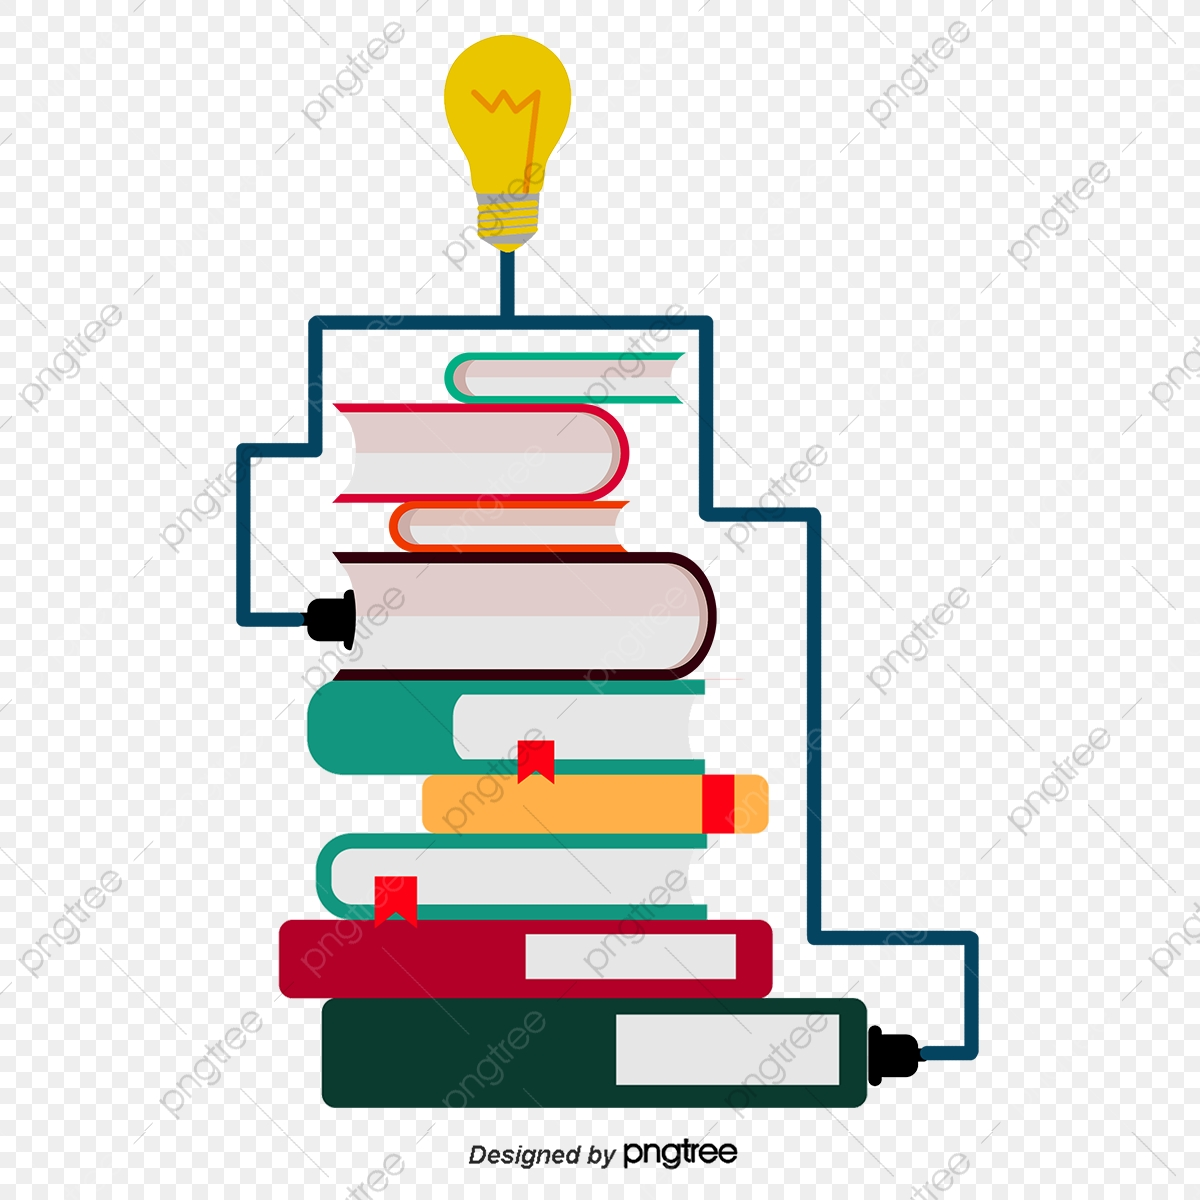 la connaissance de la charge connaissances charge livres png et vecteur pour t u00e9l u00e9chargement gratuit